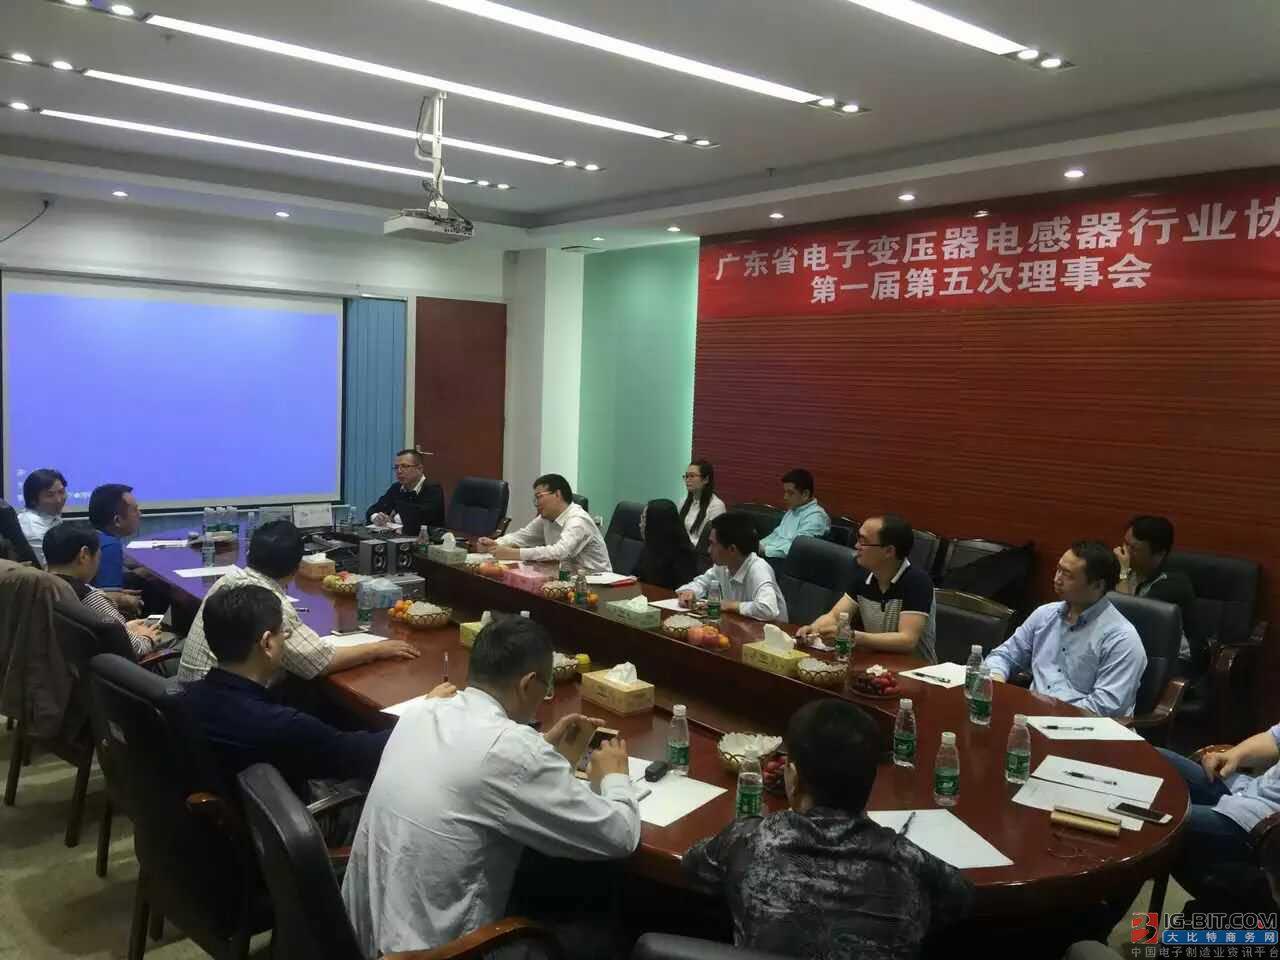 广东电变电感协会第一届五次理事会在铭普召开